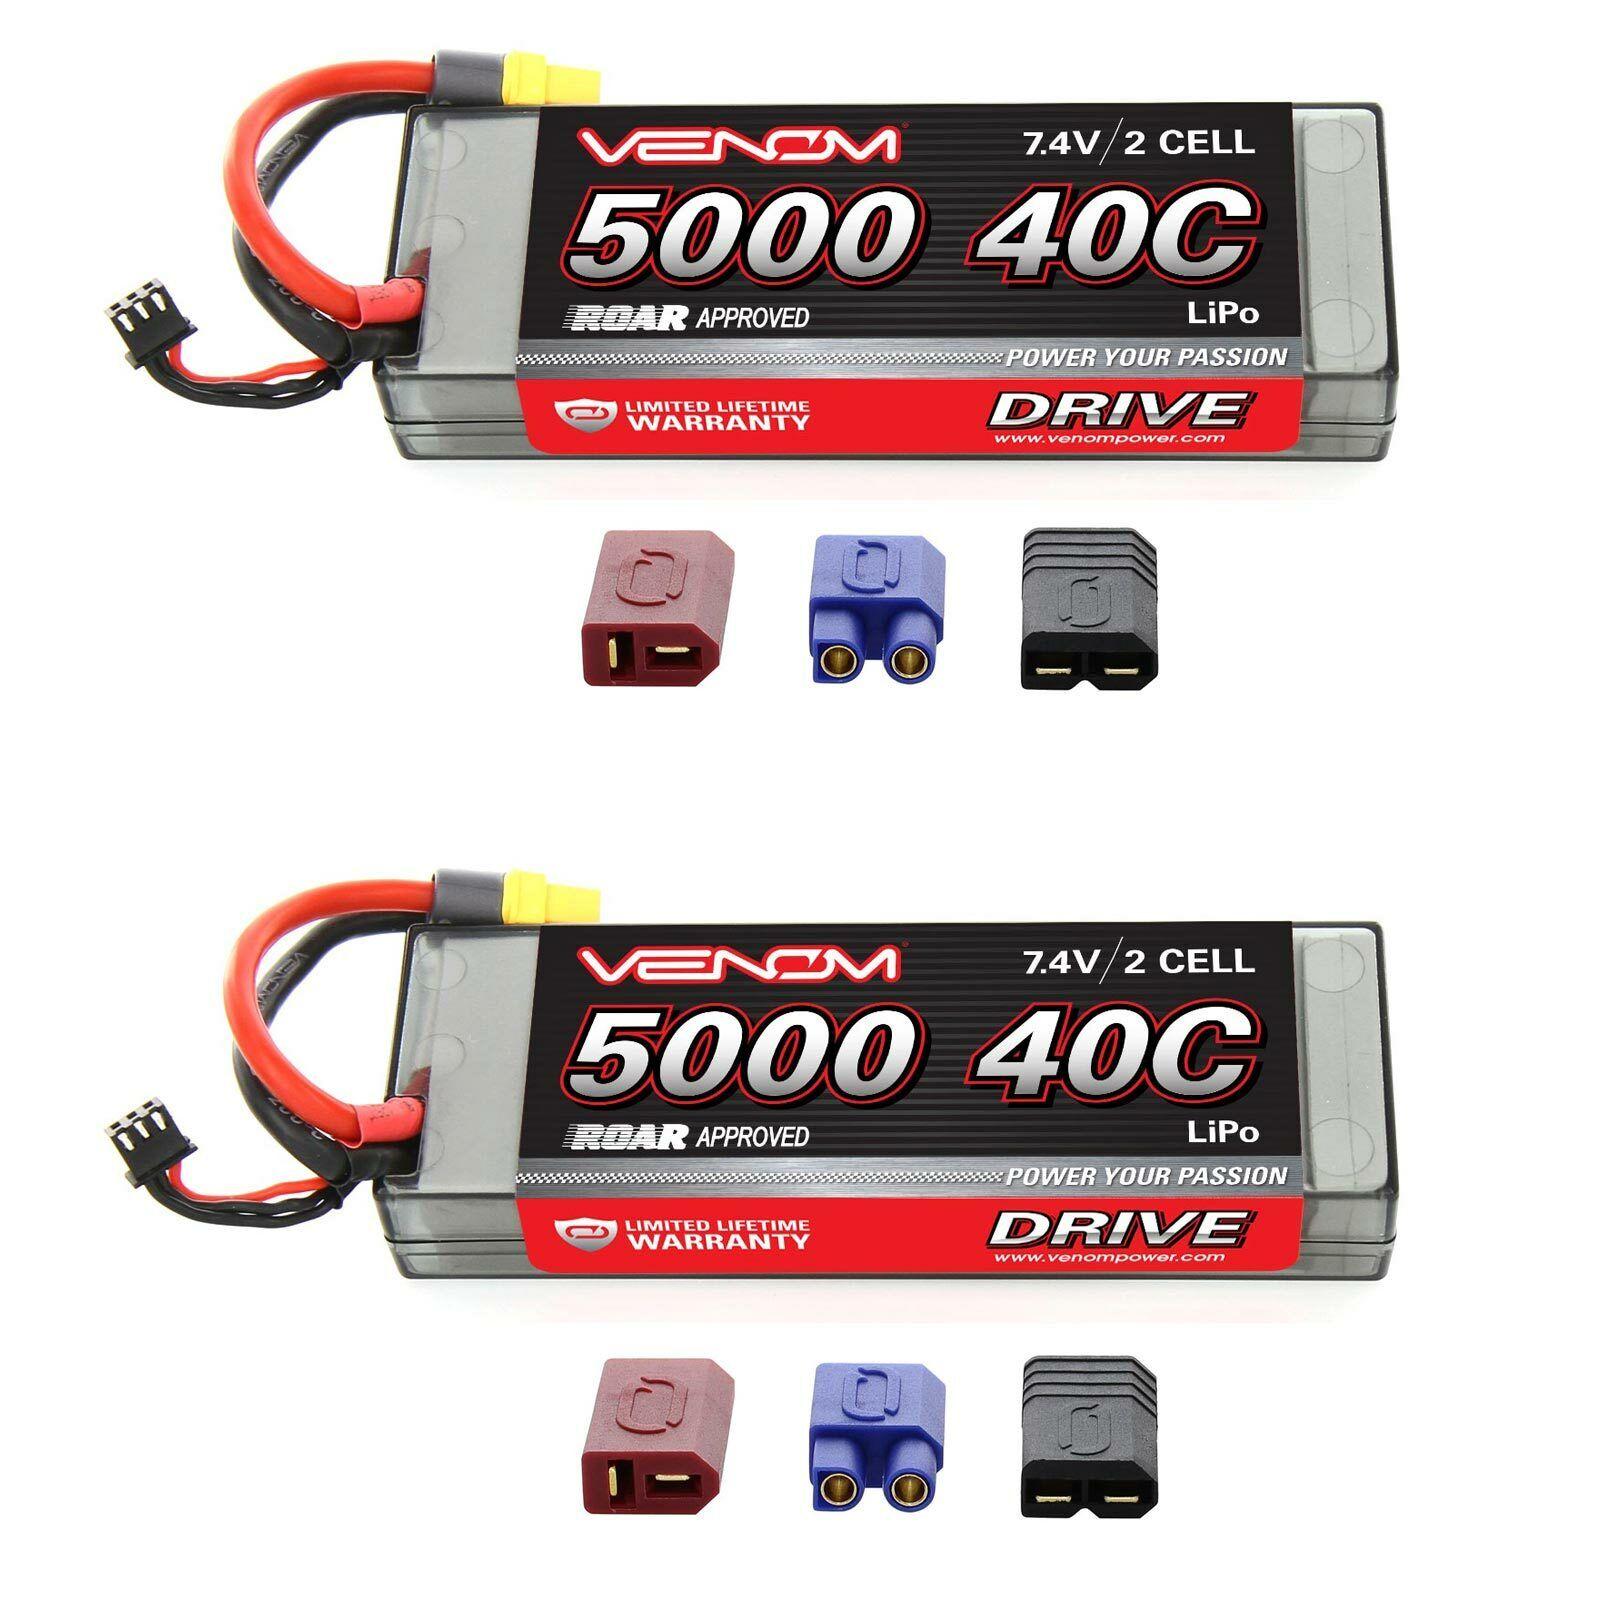 Venom Sport potencia 40C 2S 5000mAh 7.4V Batería Lipo rugido con paquetes de Enchufe x2 Uni